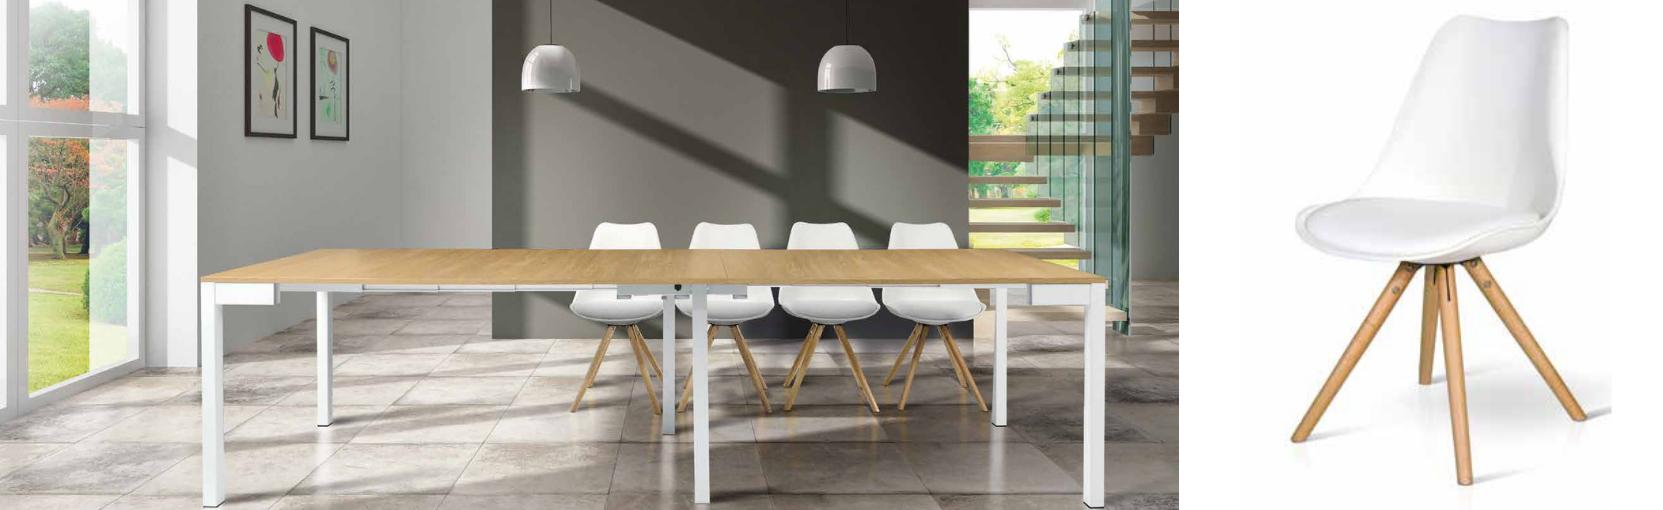 tavolo_moderno_sedia